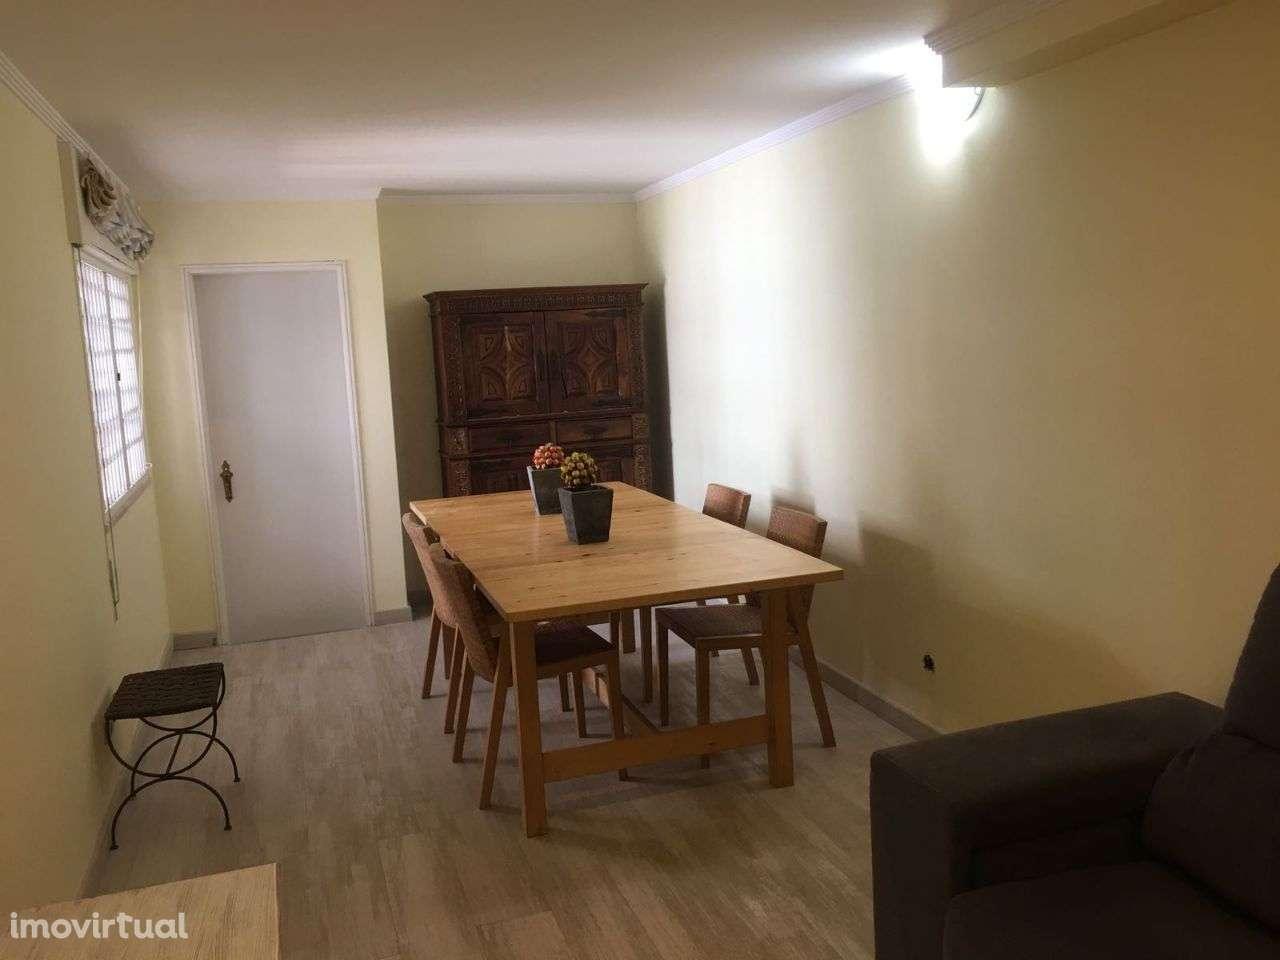 Moradia para arrendar, Portimão - Foto 8